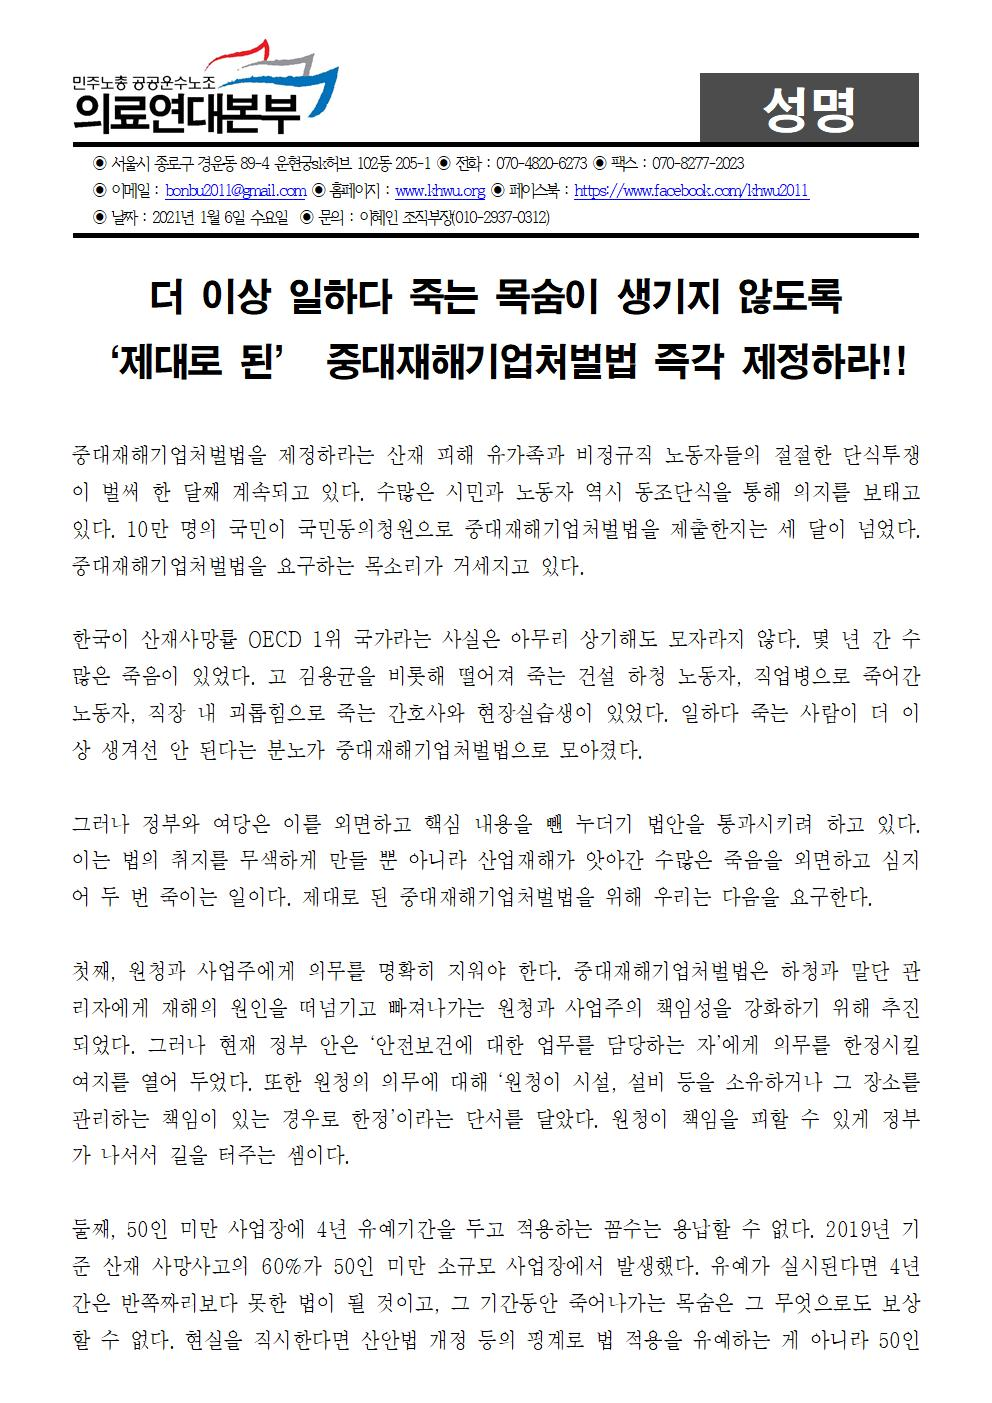 20210106 중대재해기업처벌법 제정 촉구 성명 수정001.jpg